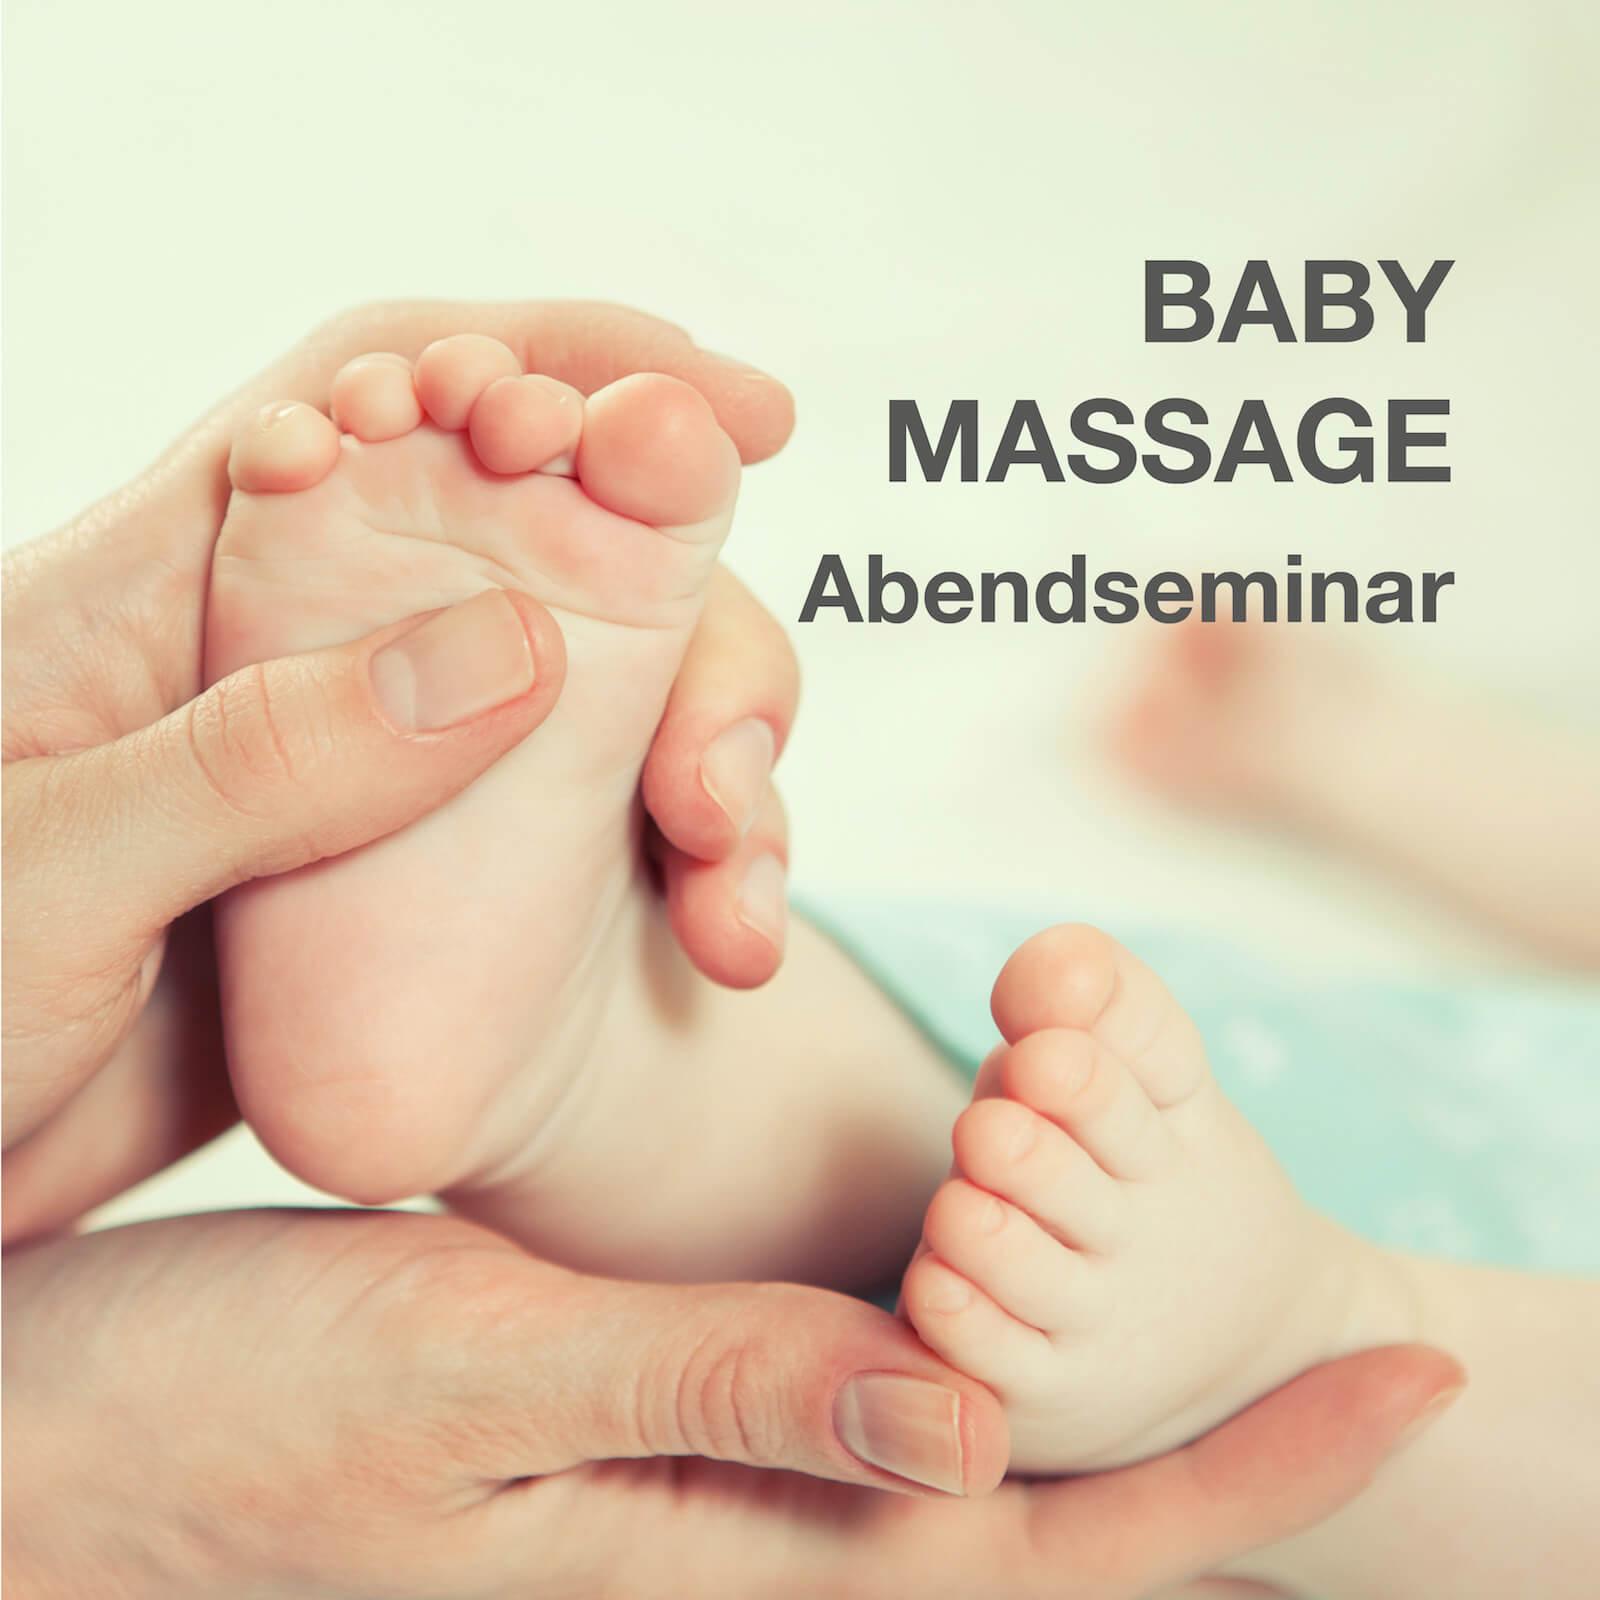 In diesem dreistündigen Abendseminar lernen Sie die Grundlagen für erfolgreiche Babymassage.